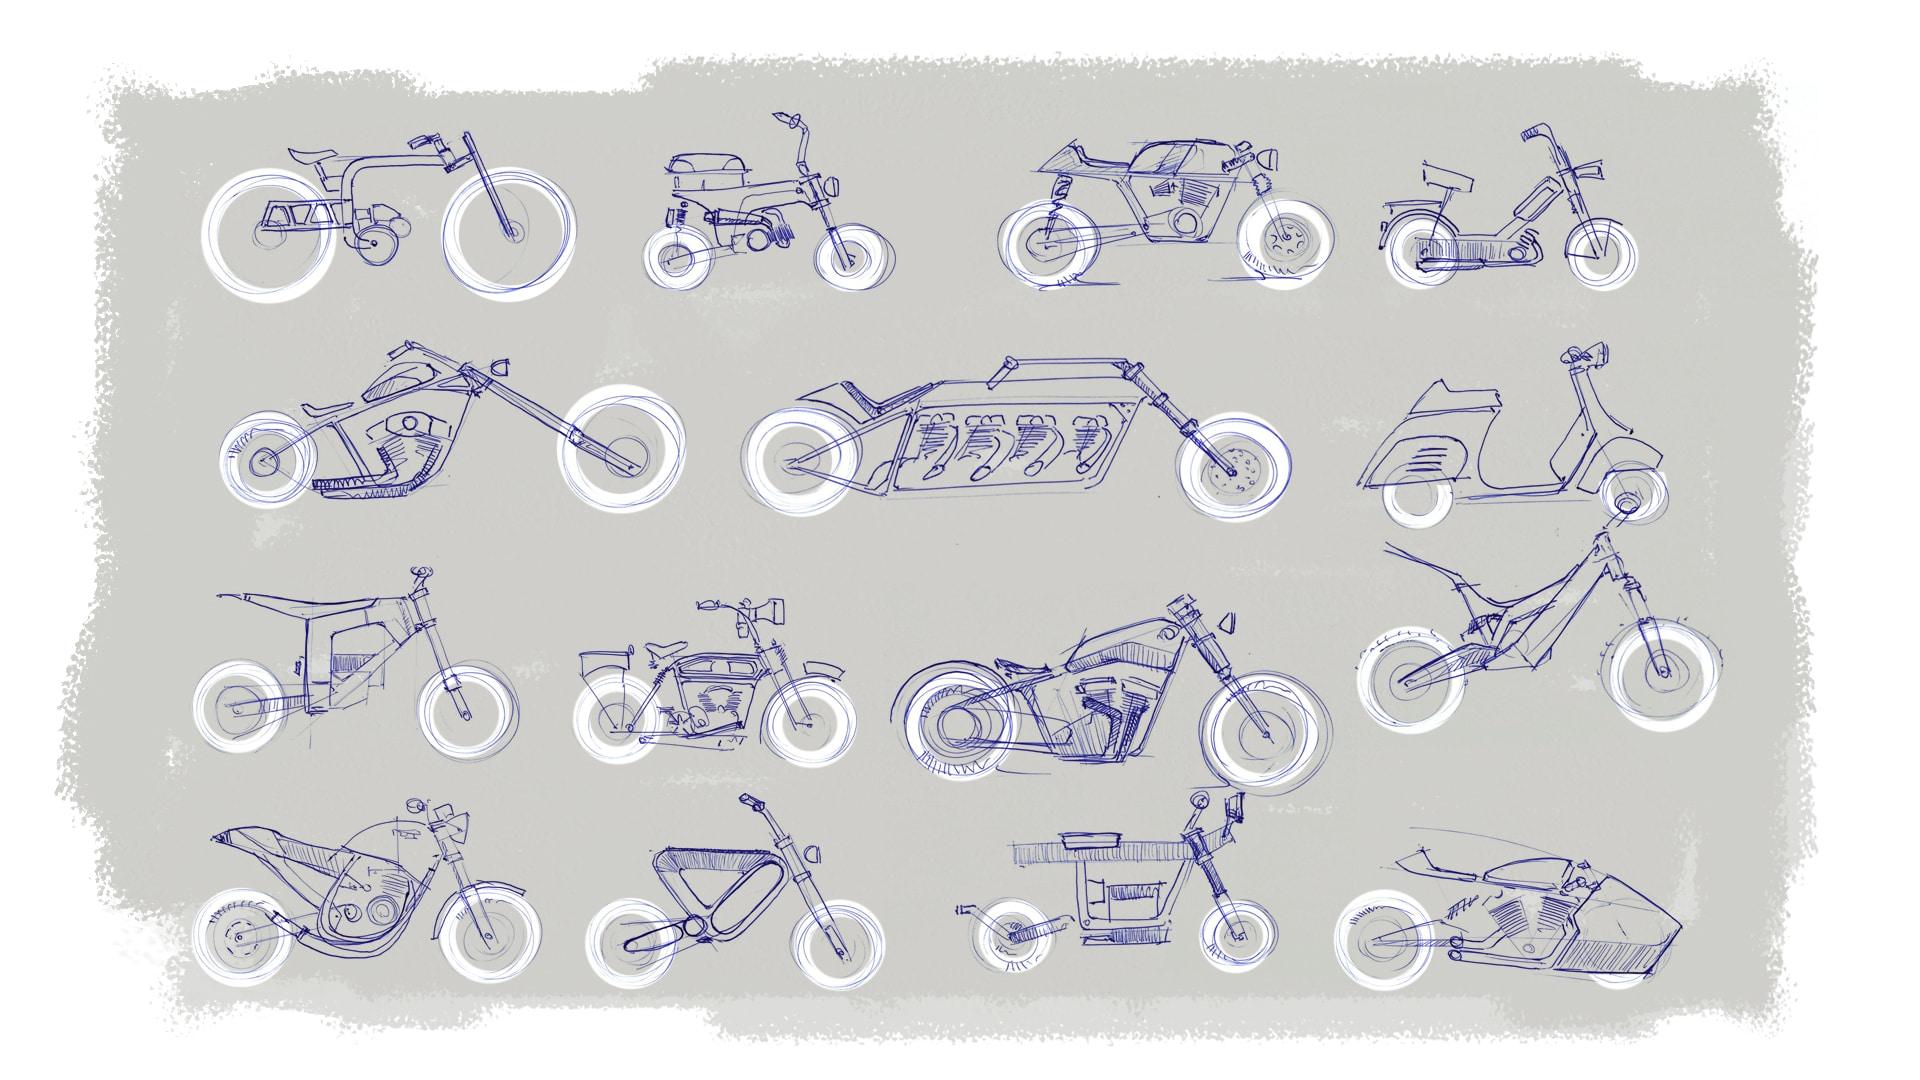 Motorrad Design Bauarten und Klassen: Bobber, Enduros, Chopper, Caferacer, E-Bikes, Scooter, Oldtimer